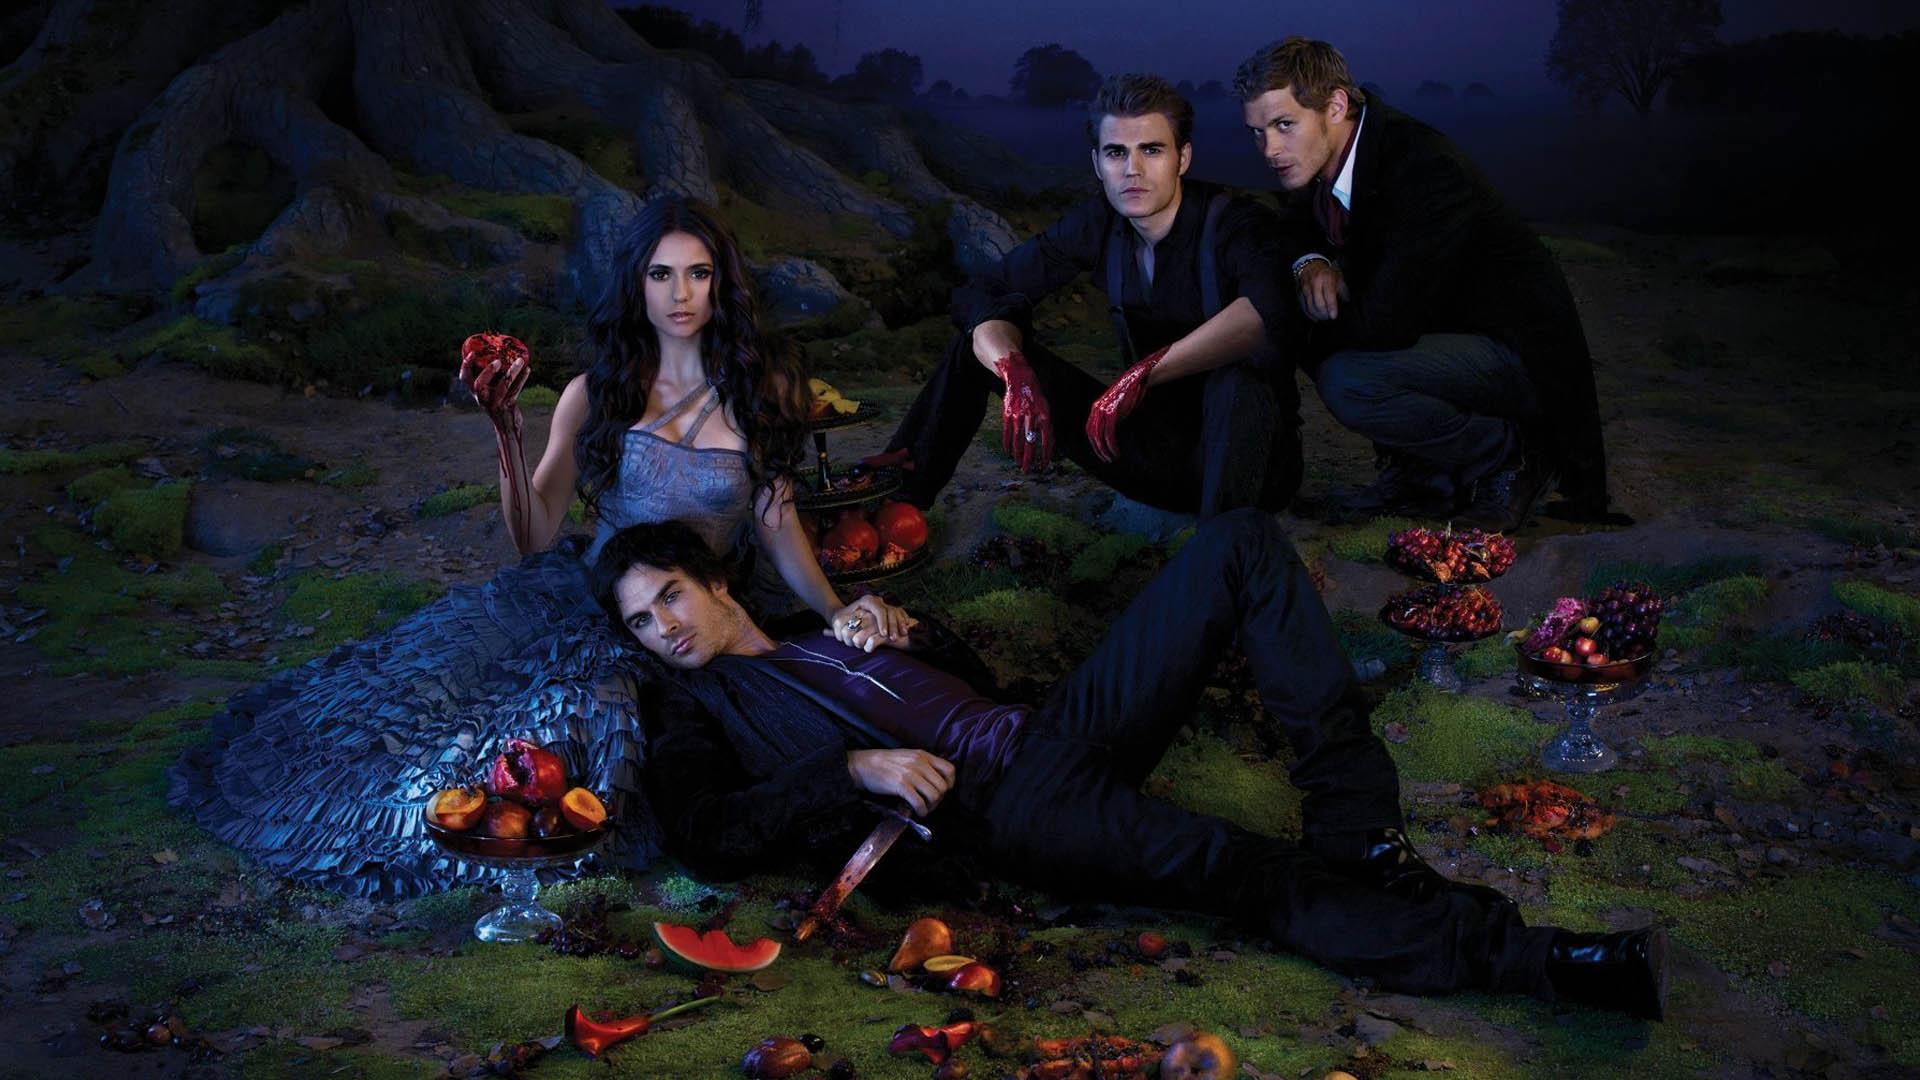 Dessins en couleurs imprimer vampire num ro 337403 - Coloriage vampire diaries ...